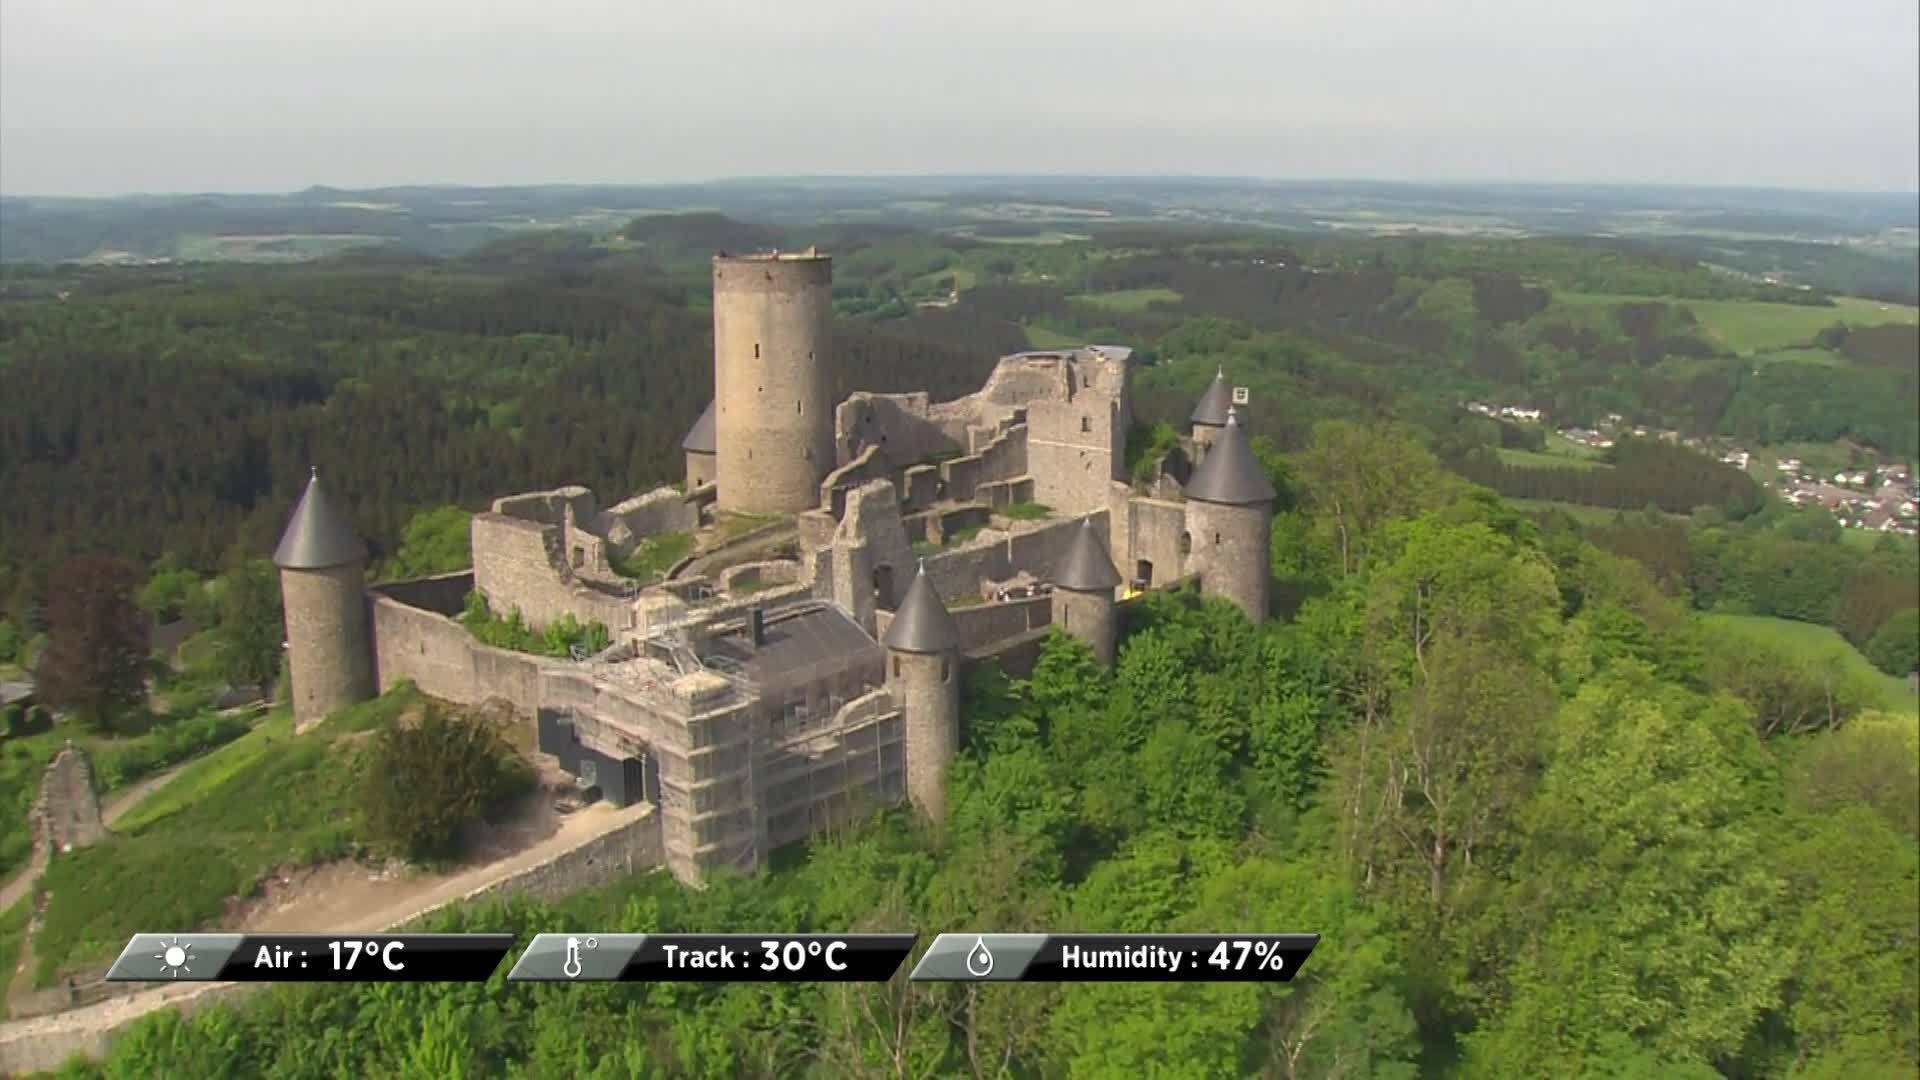 WTCR Nürburgring 2018 – Footage